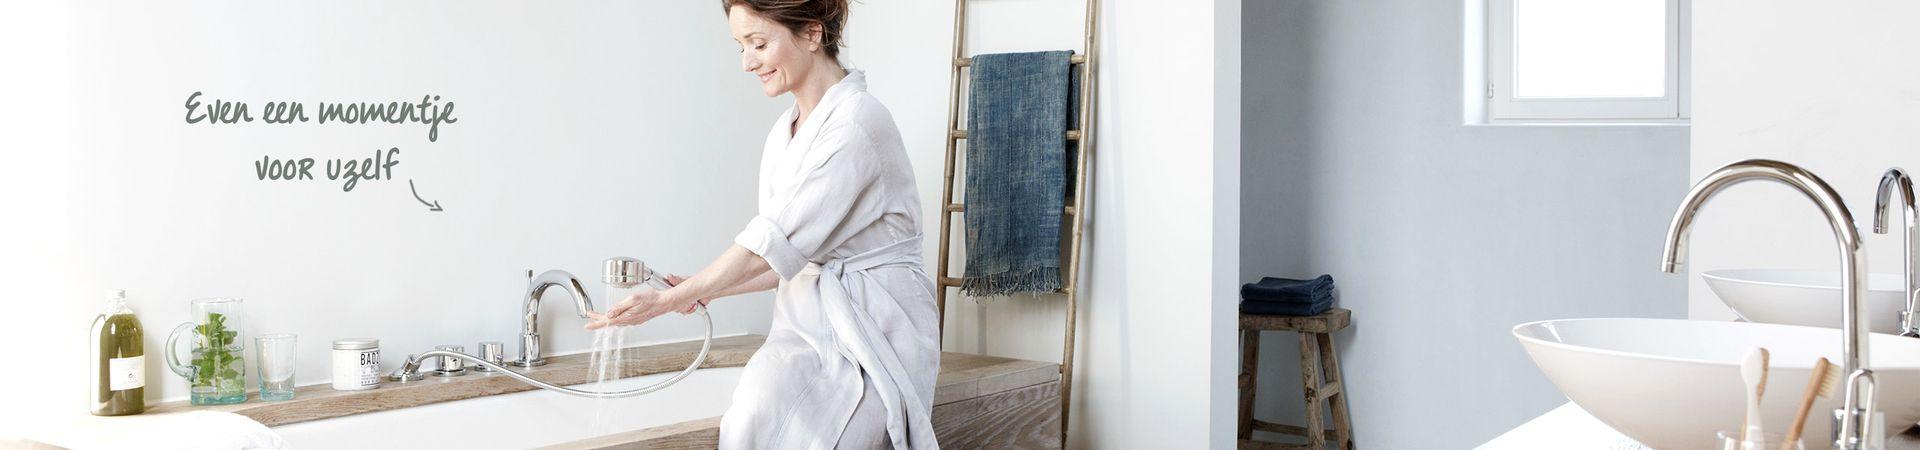 Spa-ritueel in de badkamer - Spa-ritueel in de badkamer